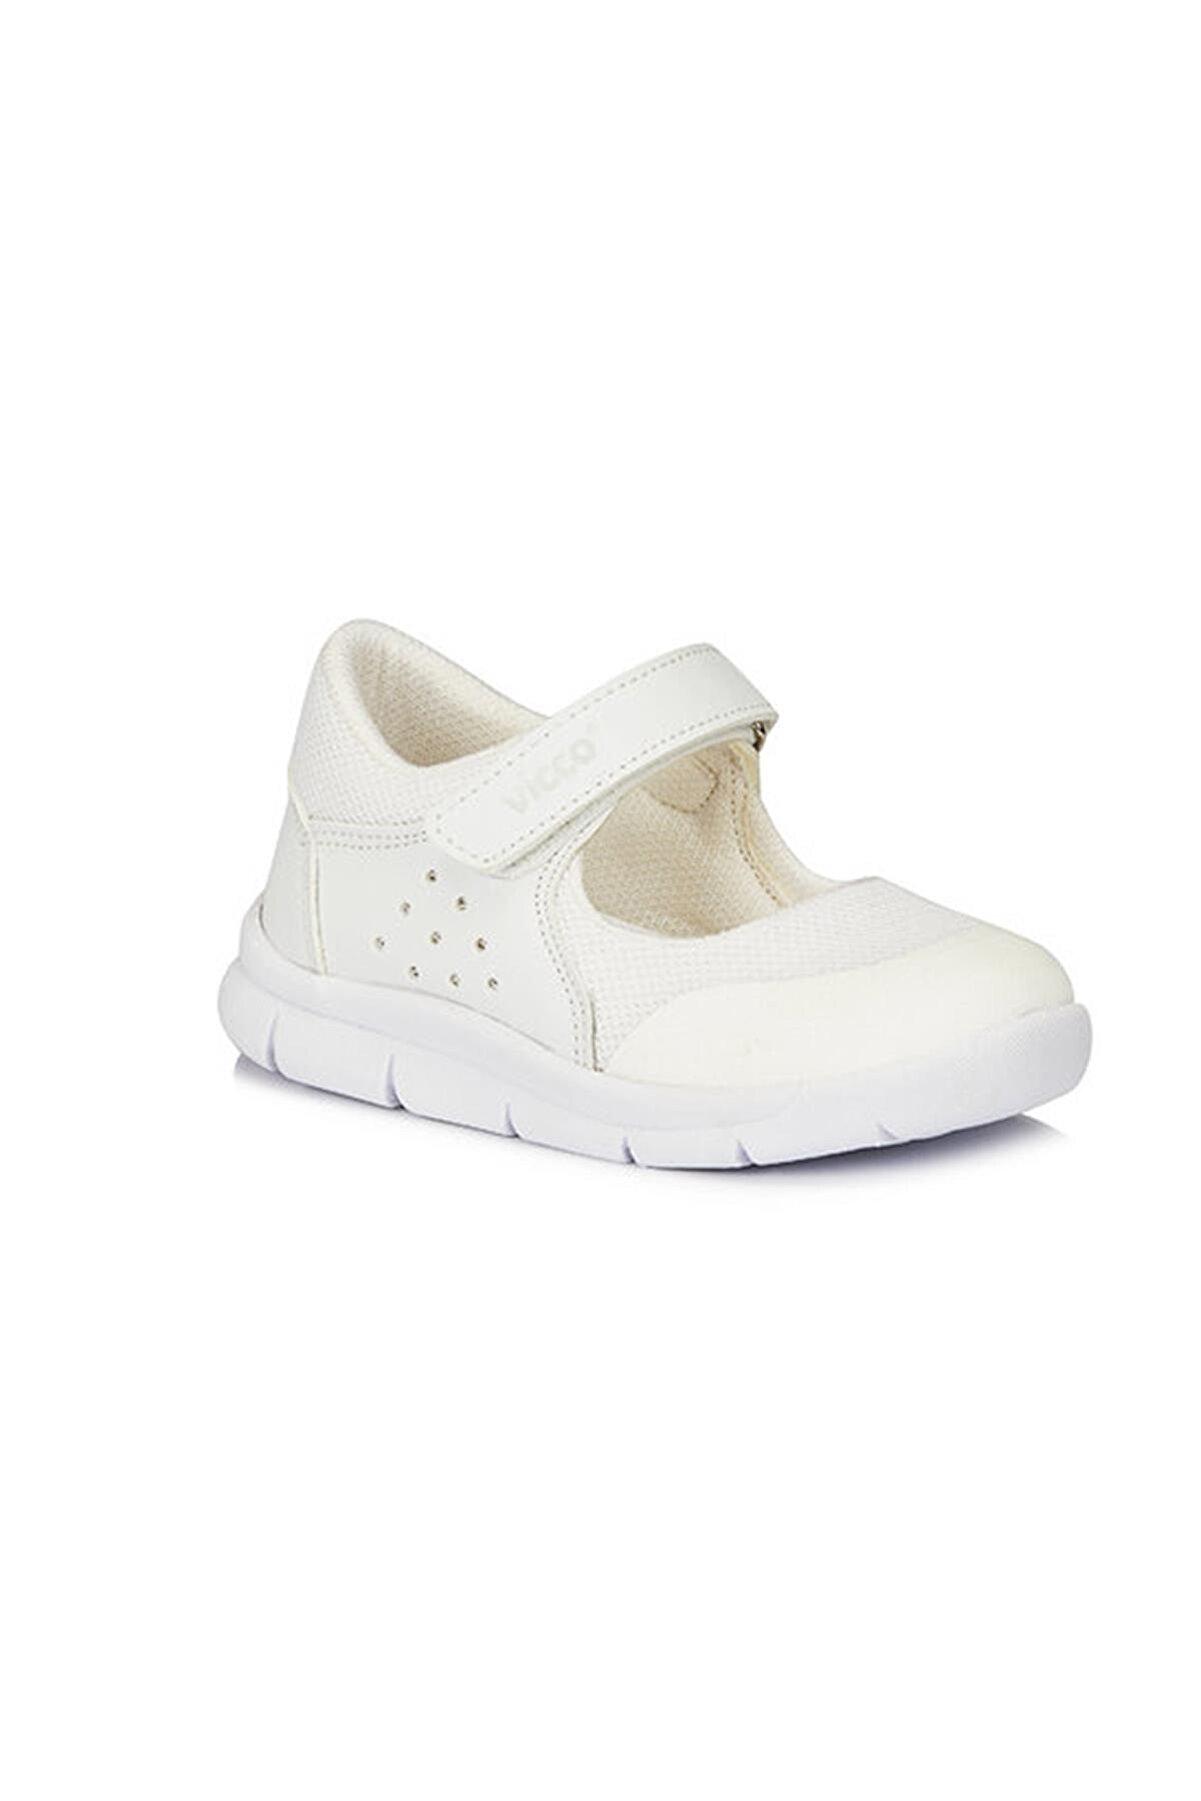 Vicco 346-p21y-114 Lucy Kız Çocuk Günlük Spor Ayakkabı